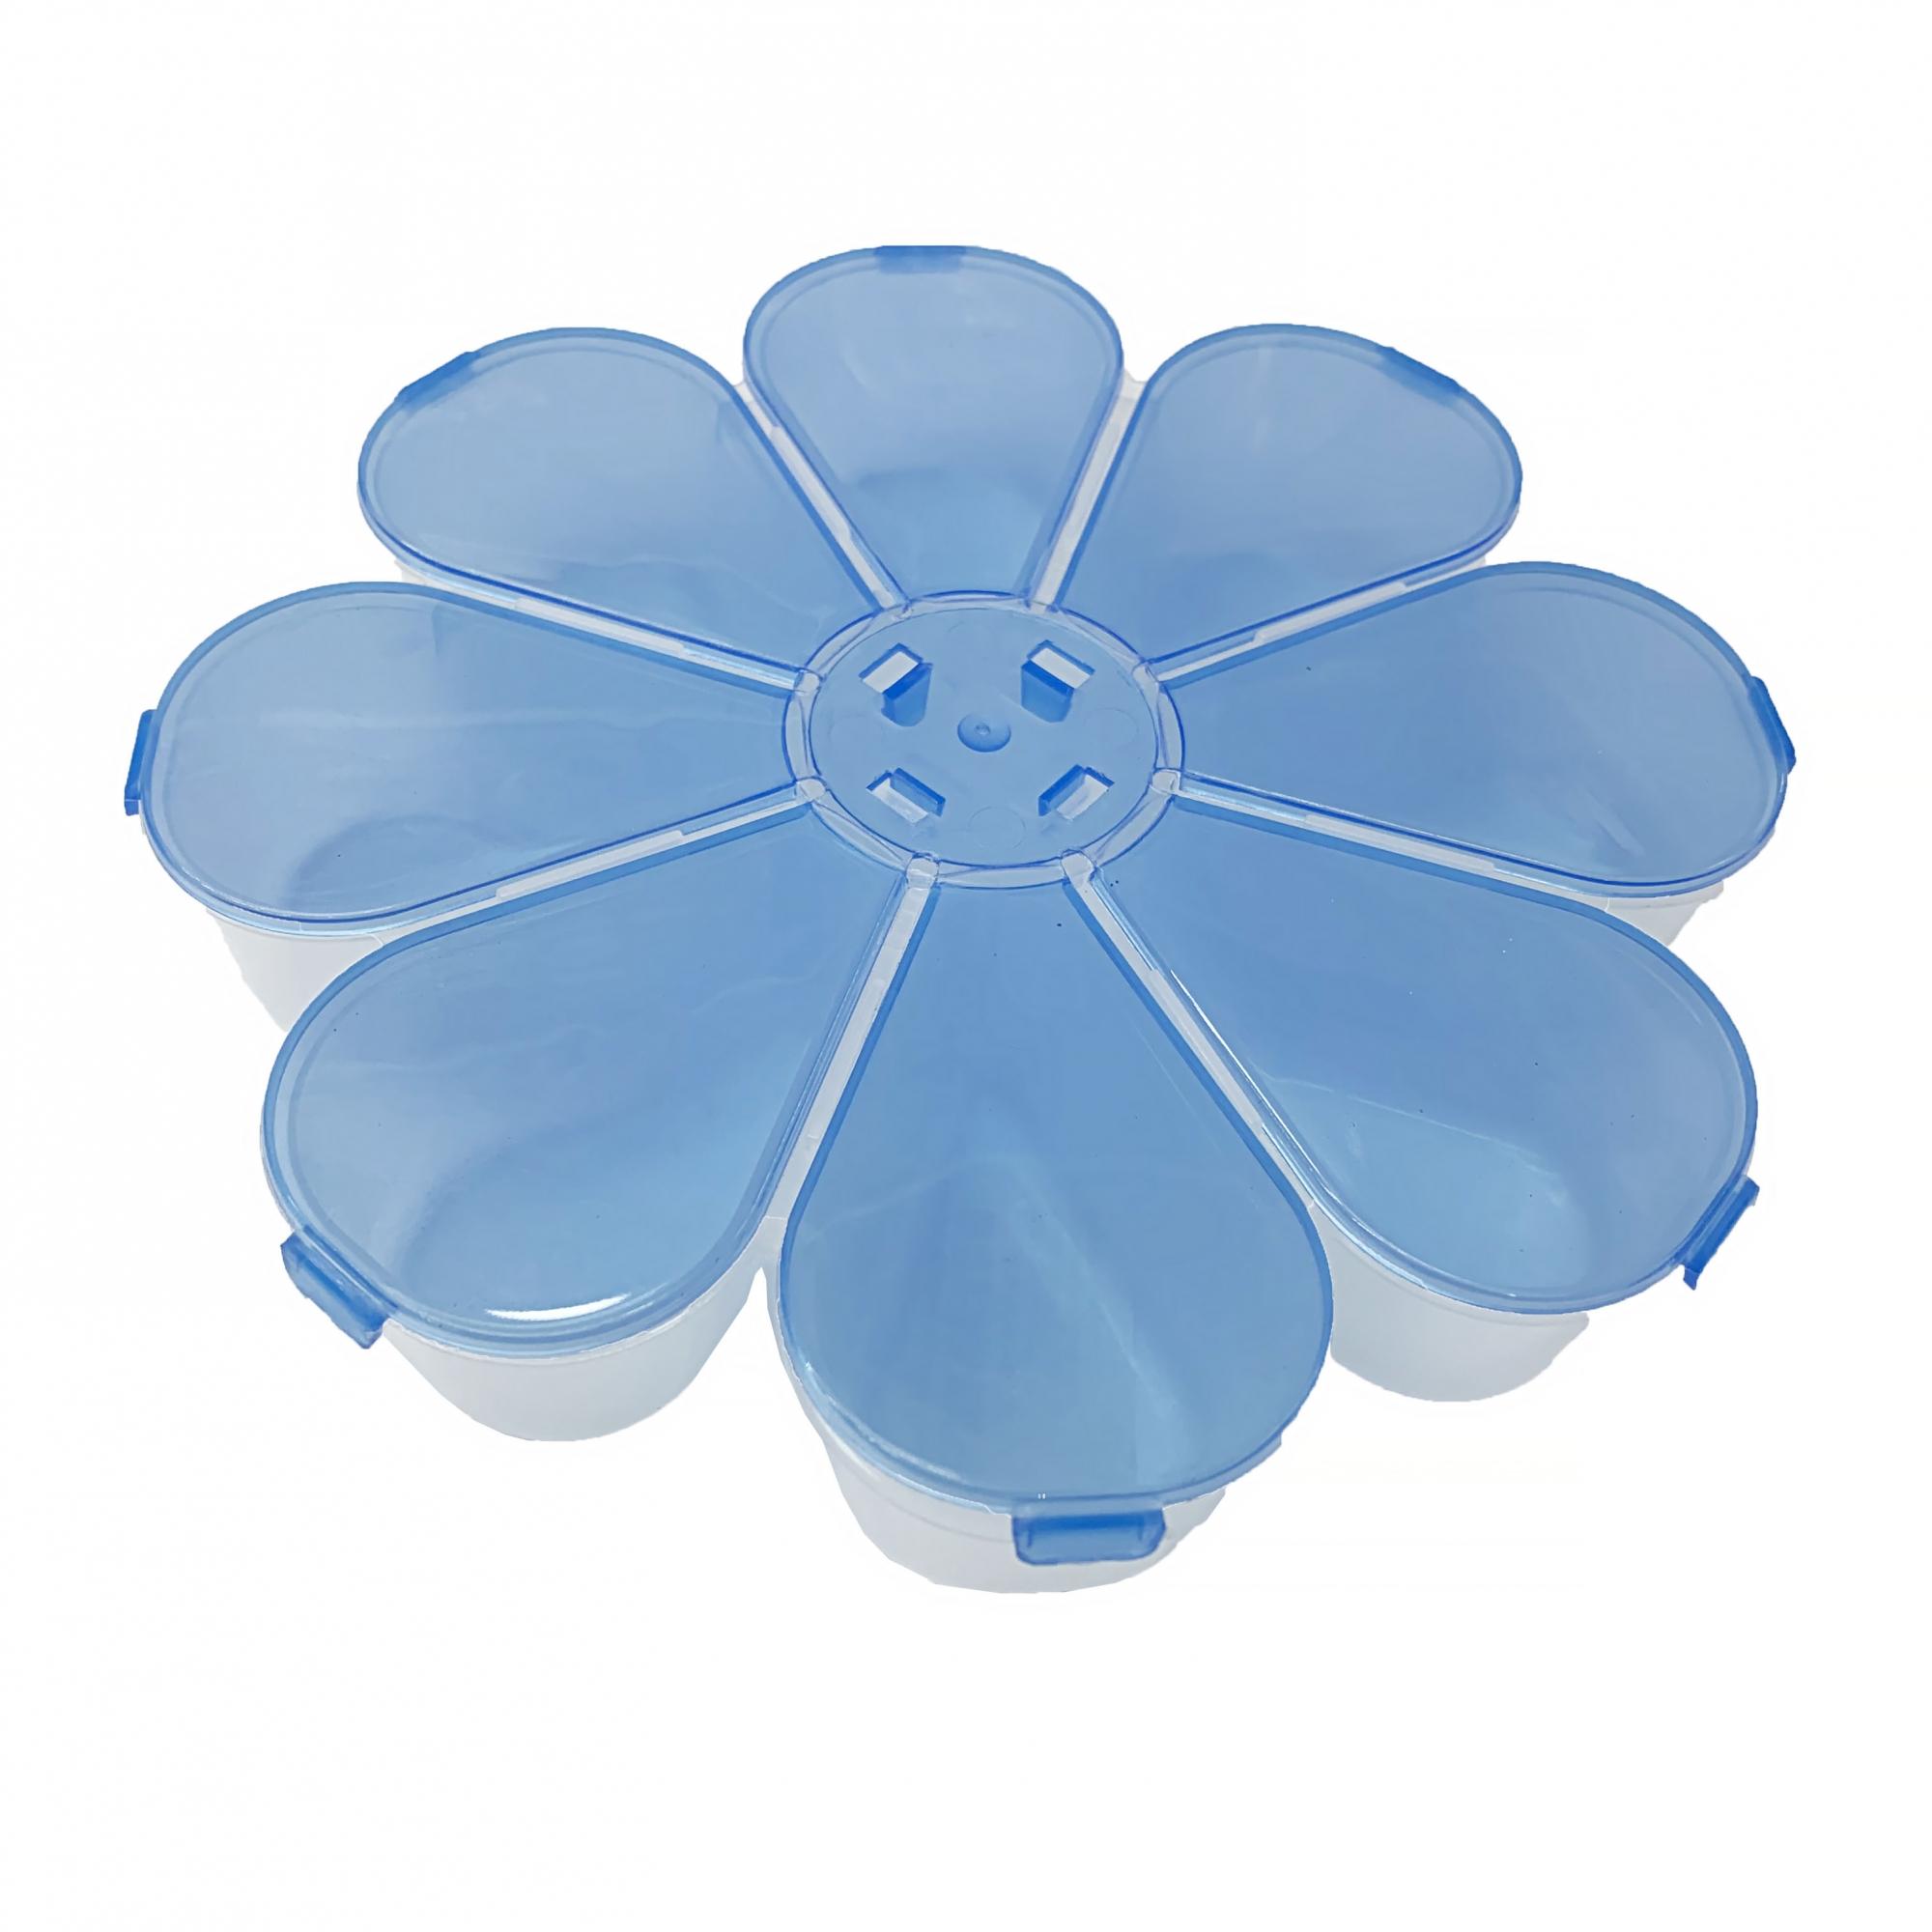 Caixa Organizadora Flor - Azul Transparente  - Universo Religioso® - Artigos de Umbanda e Candomblé